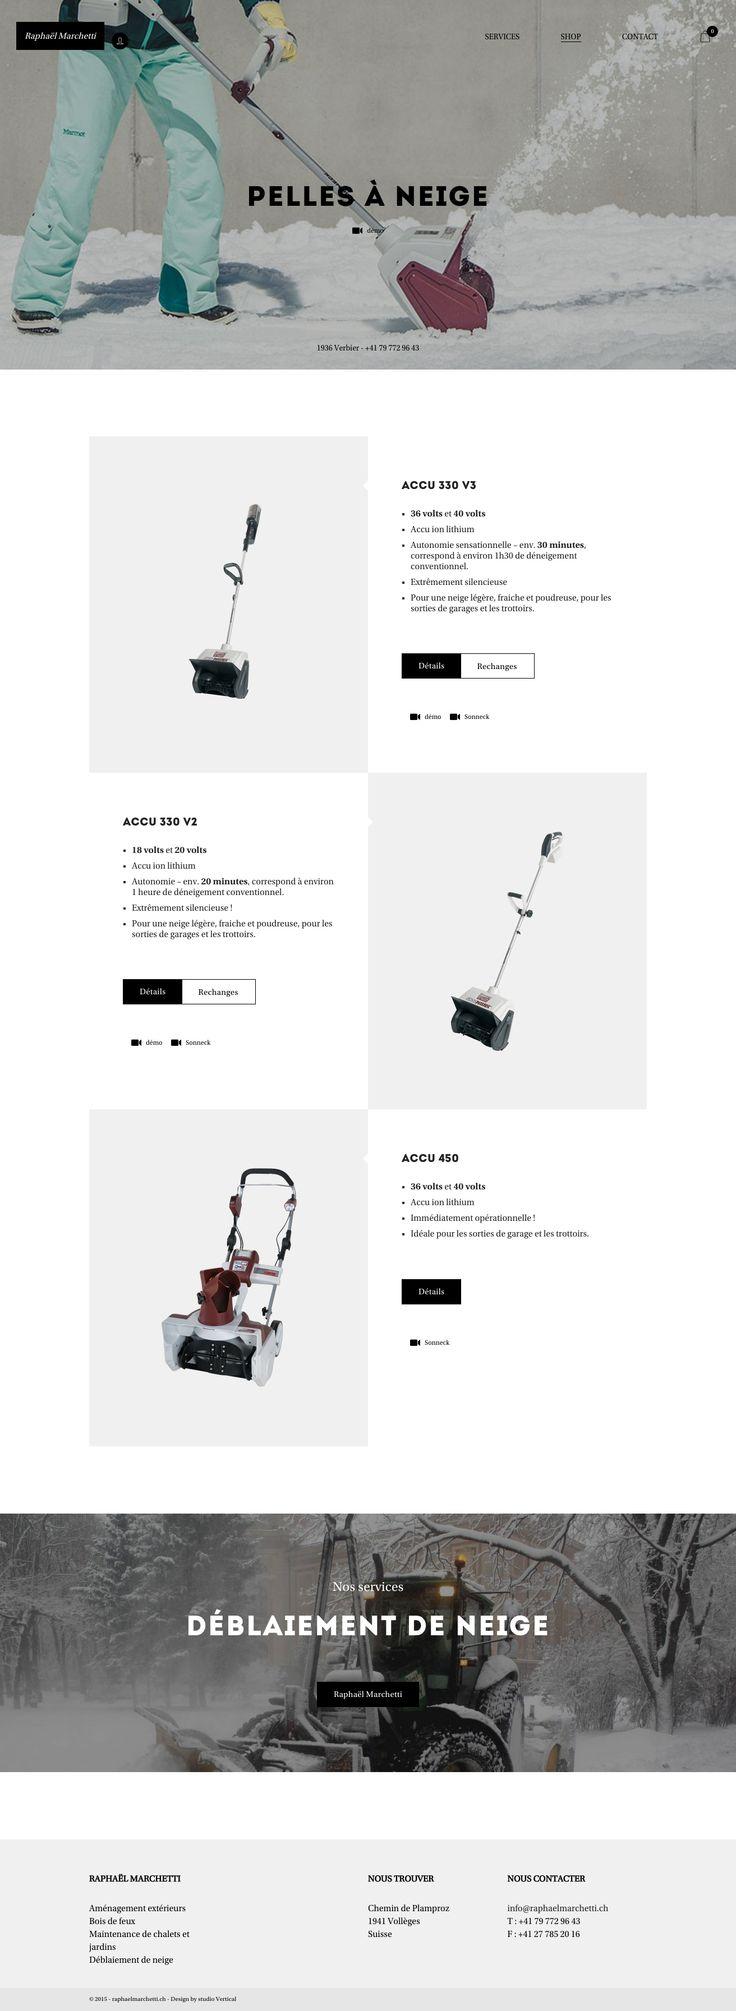 E-commerc | identité digitale | stratégie digitale | webdesign | Pelles à neige #ecommerce #digitalidentity #digitalstrategy #webdesign #verbier #lausanne